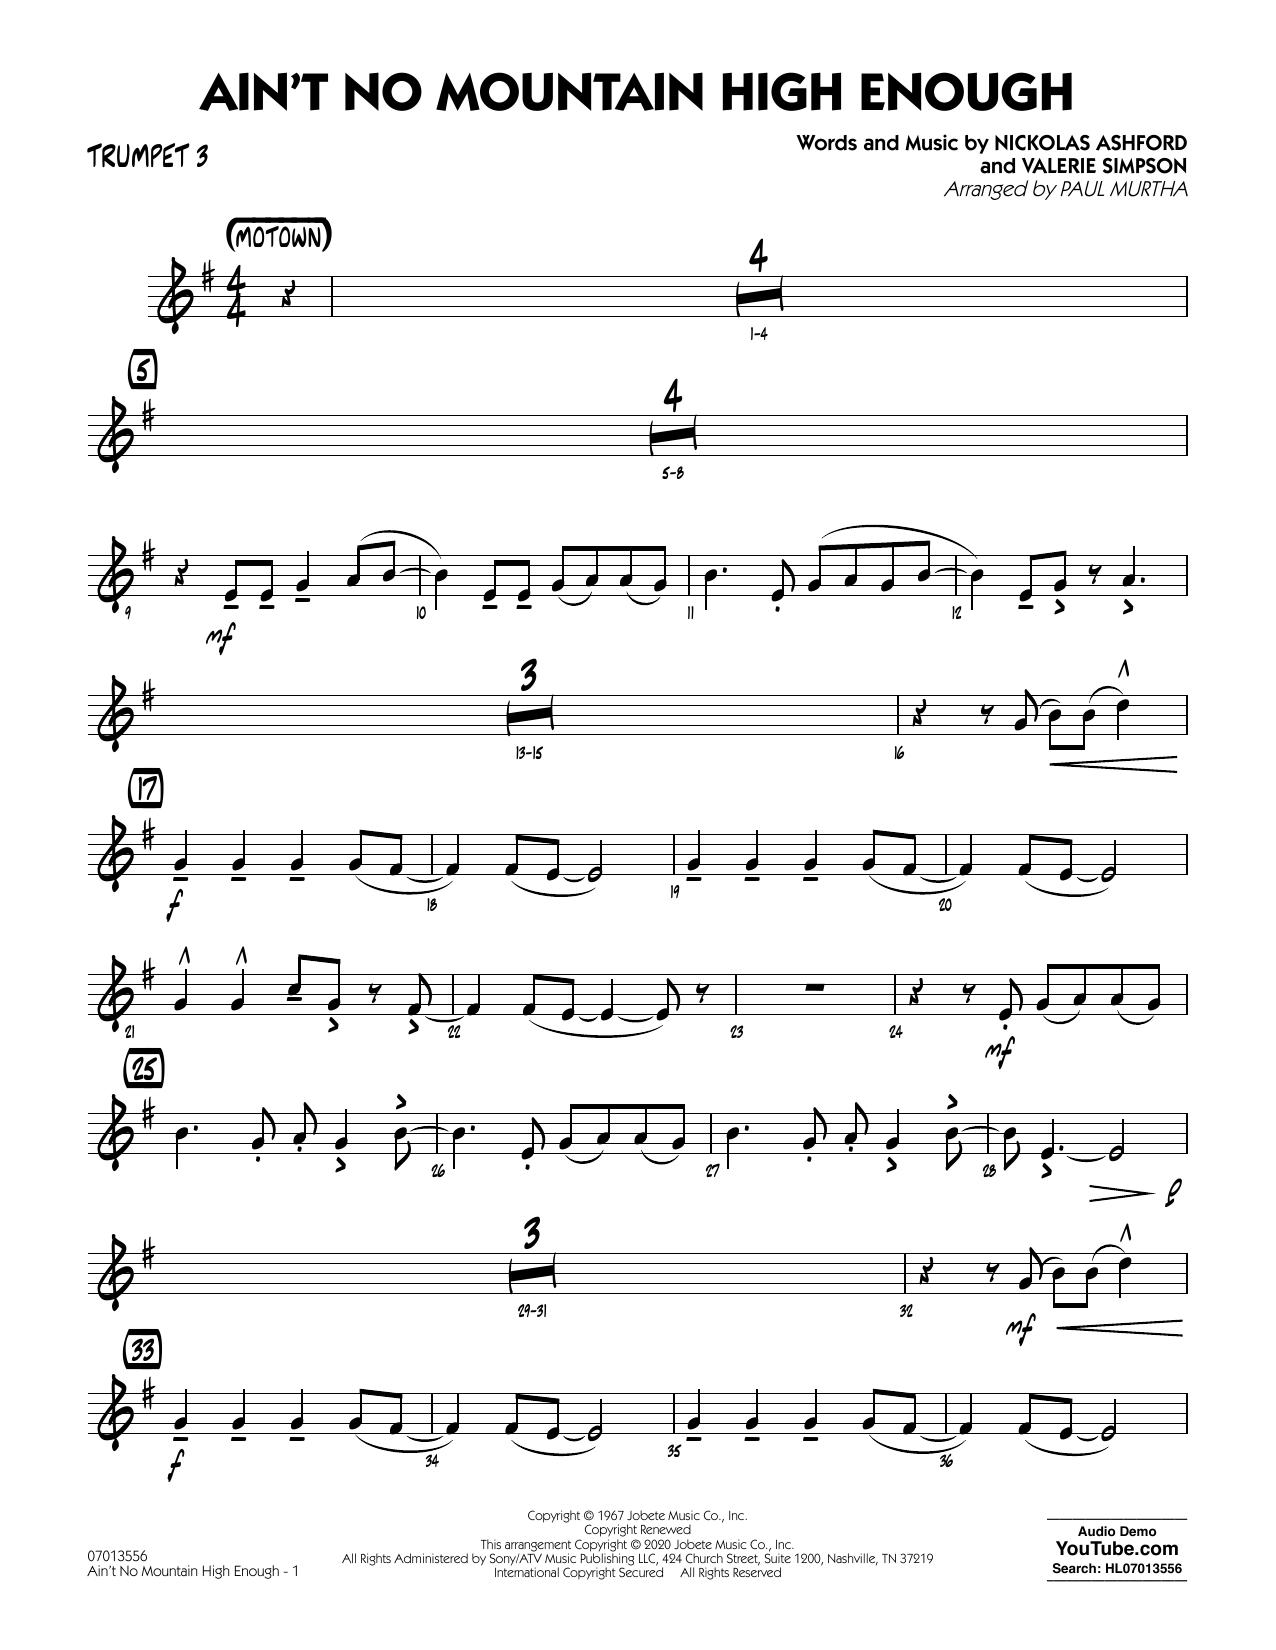 Ain't No Mountain High Enough (arr. Paul Murtha) - Trumpet 3 Sheet Music